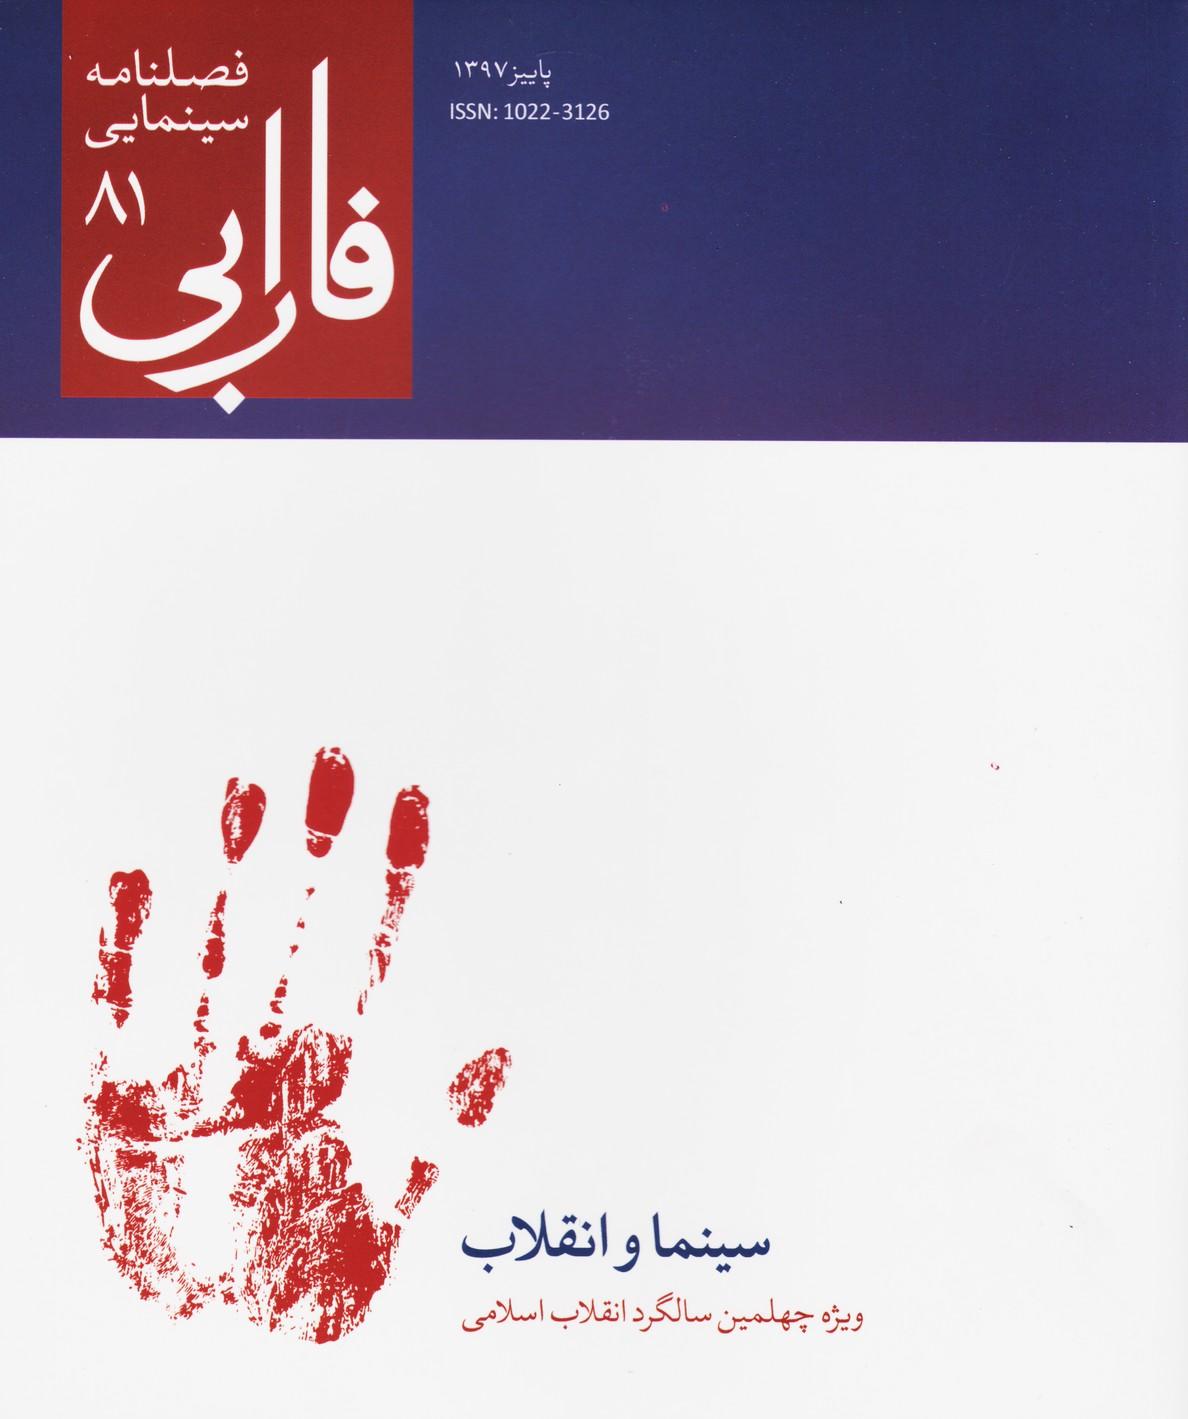 فصلنامه  فارابی (81) - ویژه چهلمین سالگرد انقلاب اسلامی